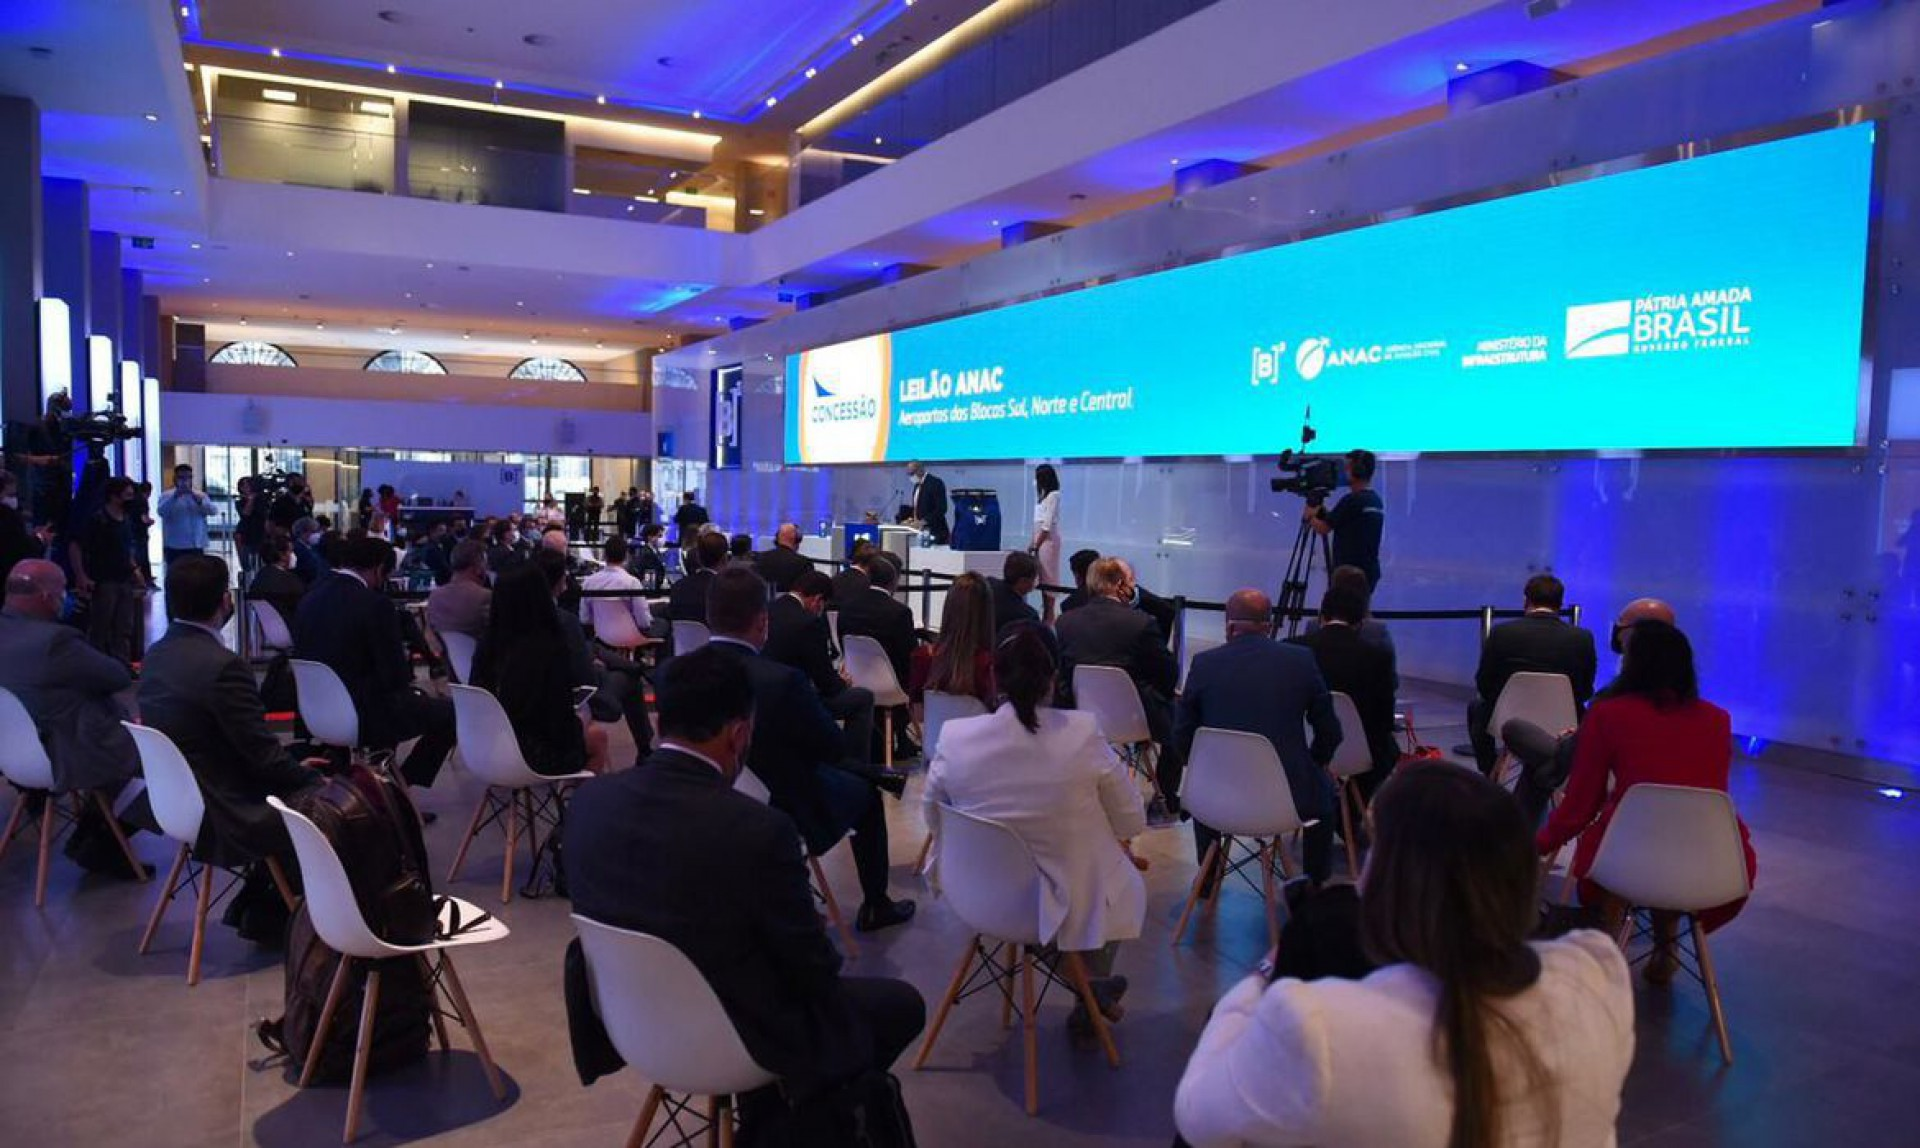 6ª rodada de concessões aeroportuárias. Os leilões dos 22 aeroporto arrecadaram mais de R$ 3 bilhões em outorgas